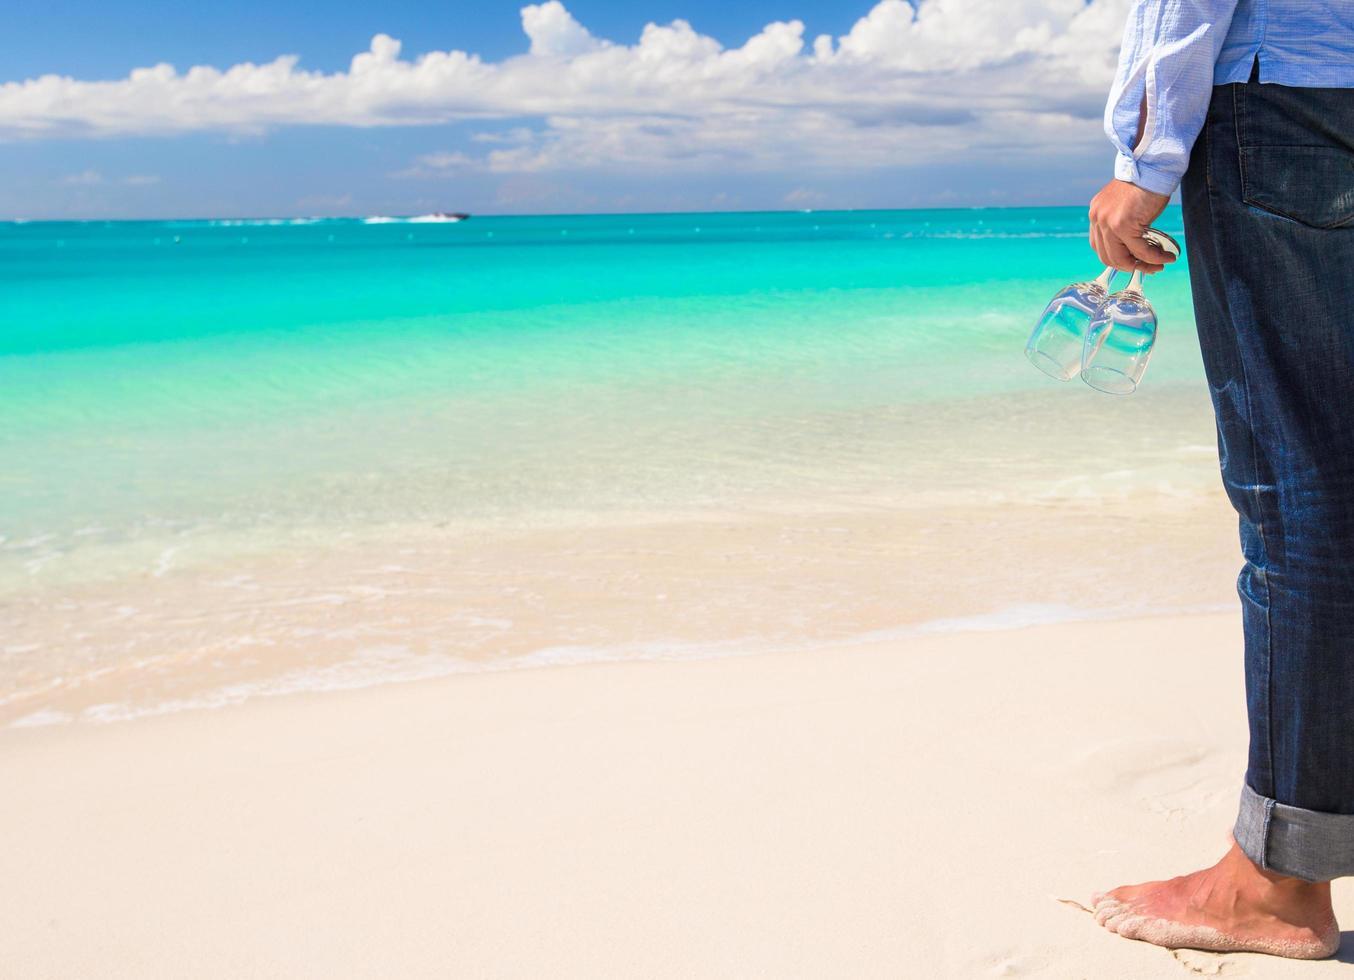 uomo con bicchieri di vino su una spiaggia tropicale foto